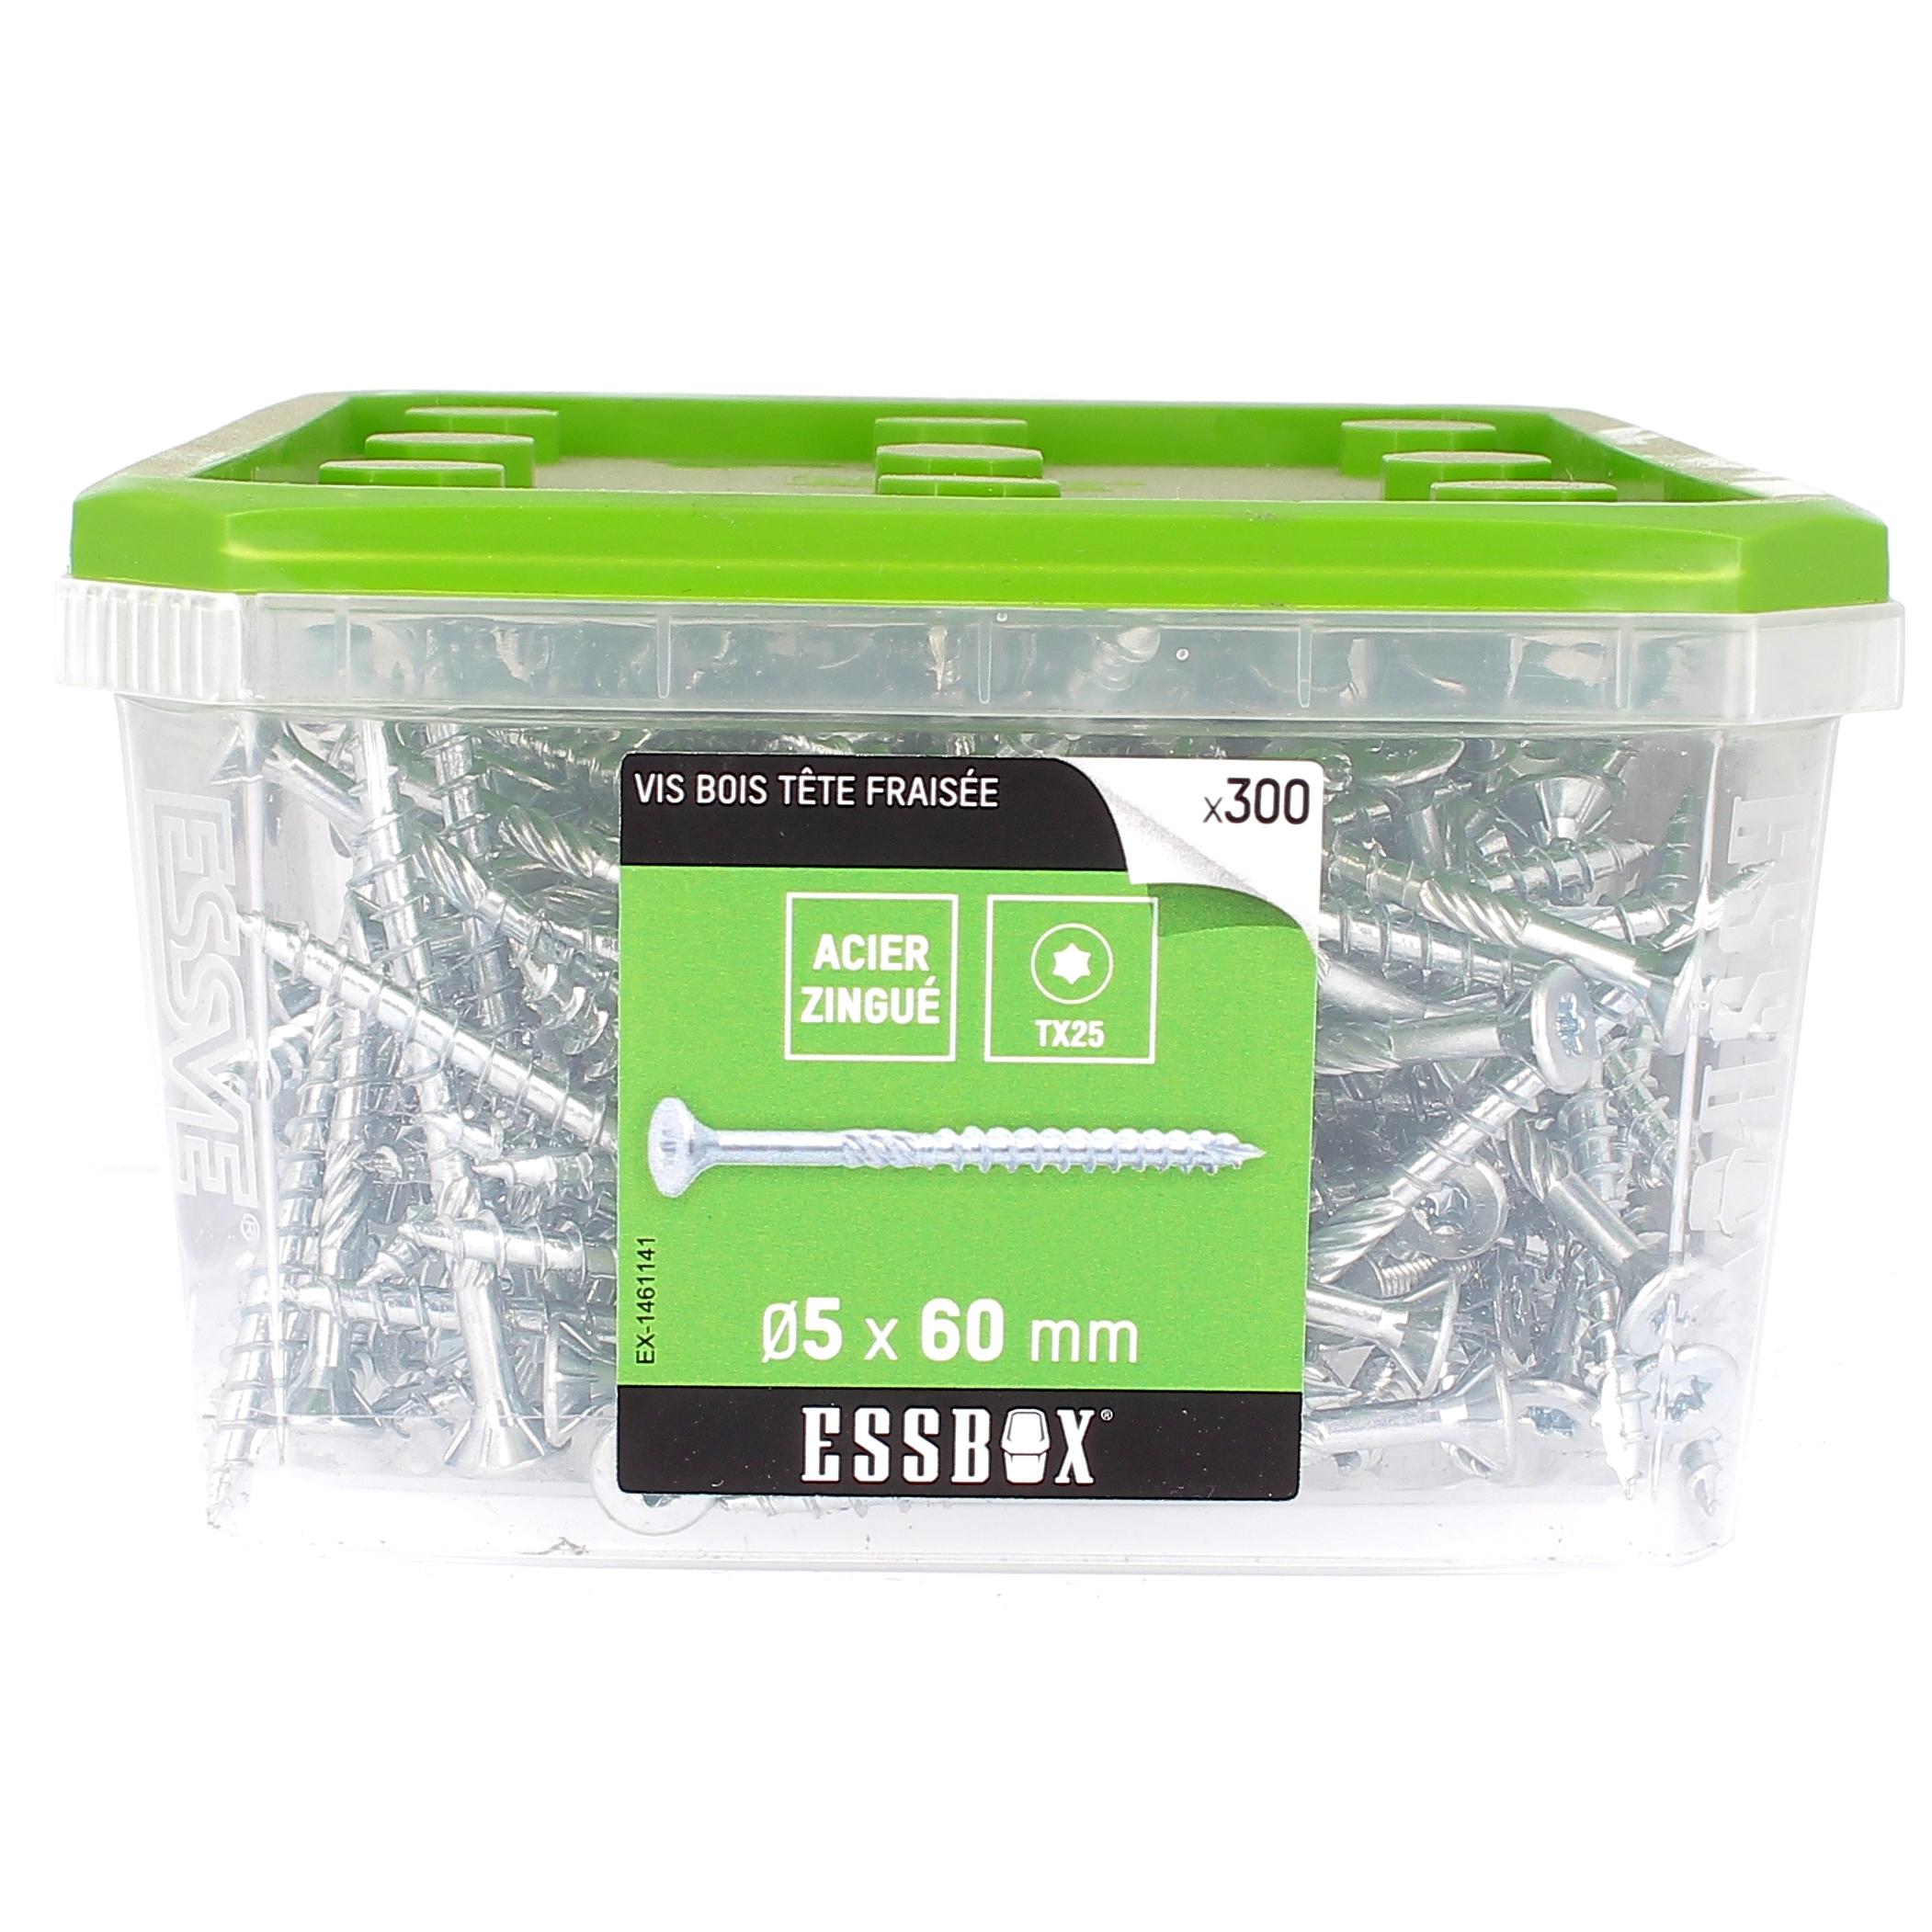 ESSBOX de 300 VBA TFX 5X60 Zingué (filetage partiel)